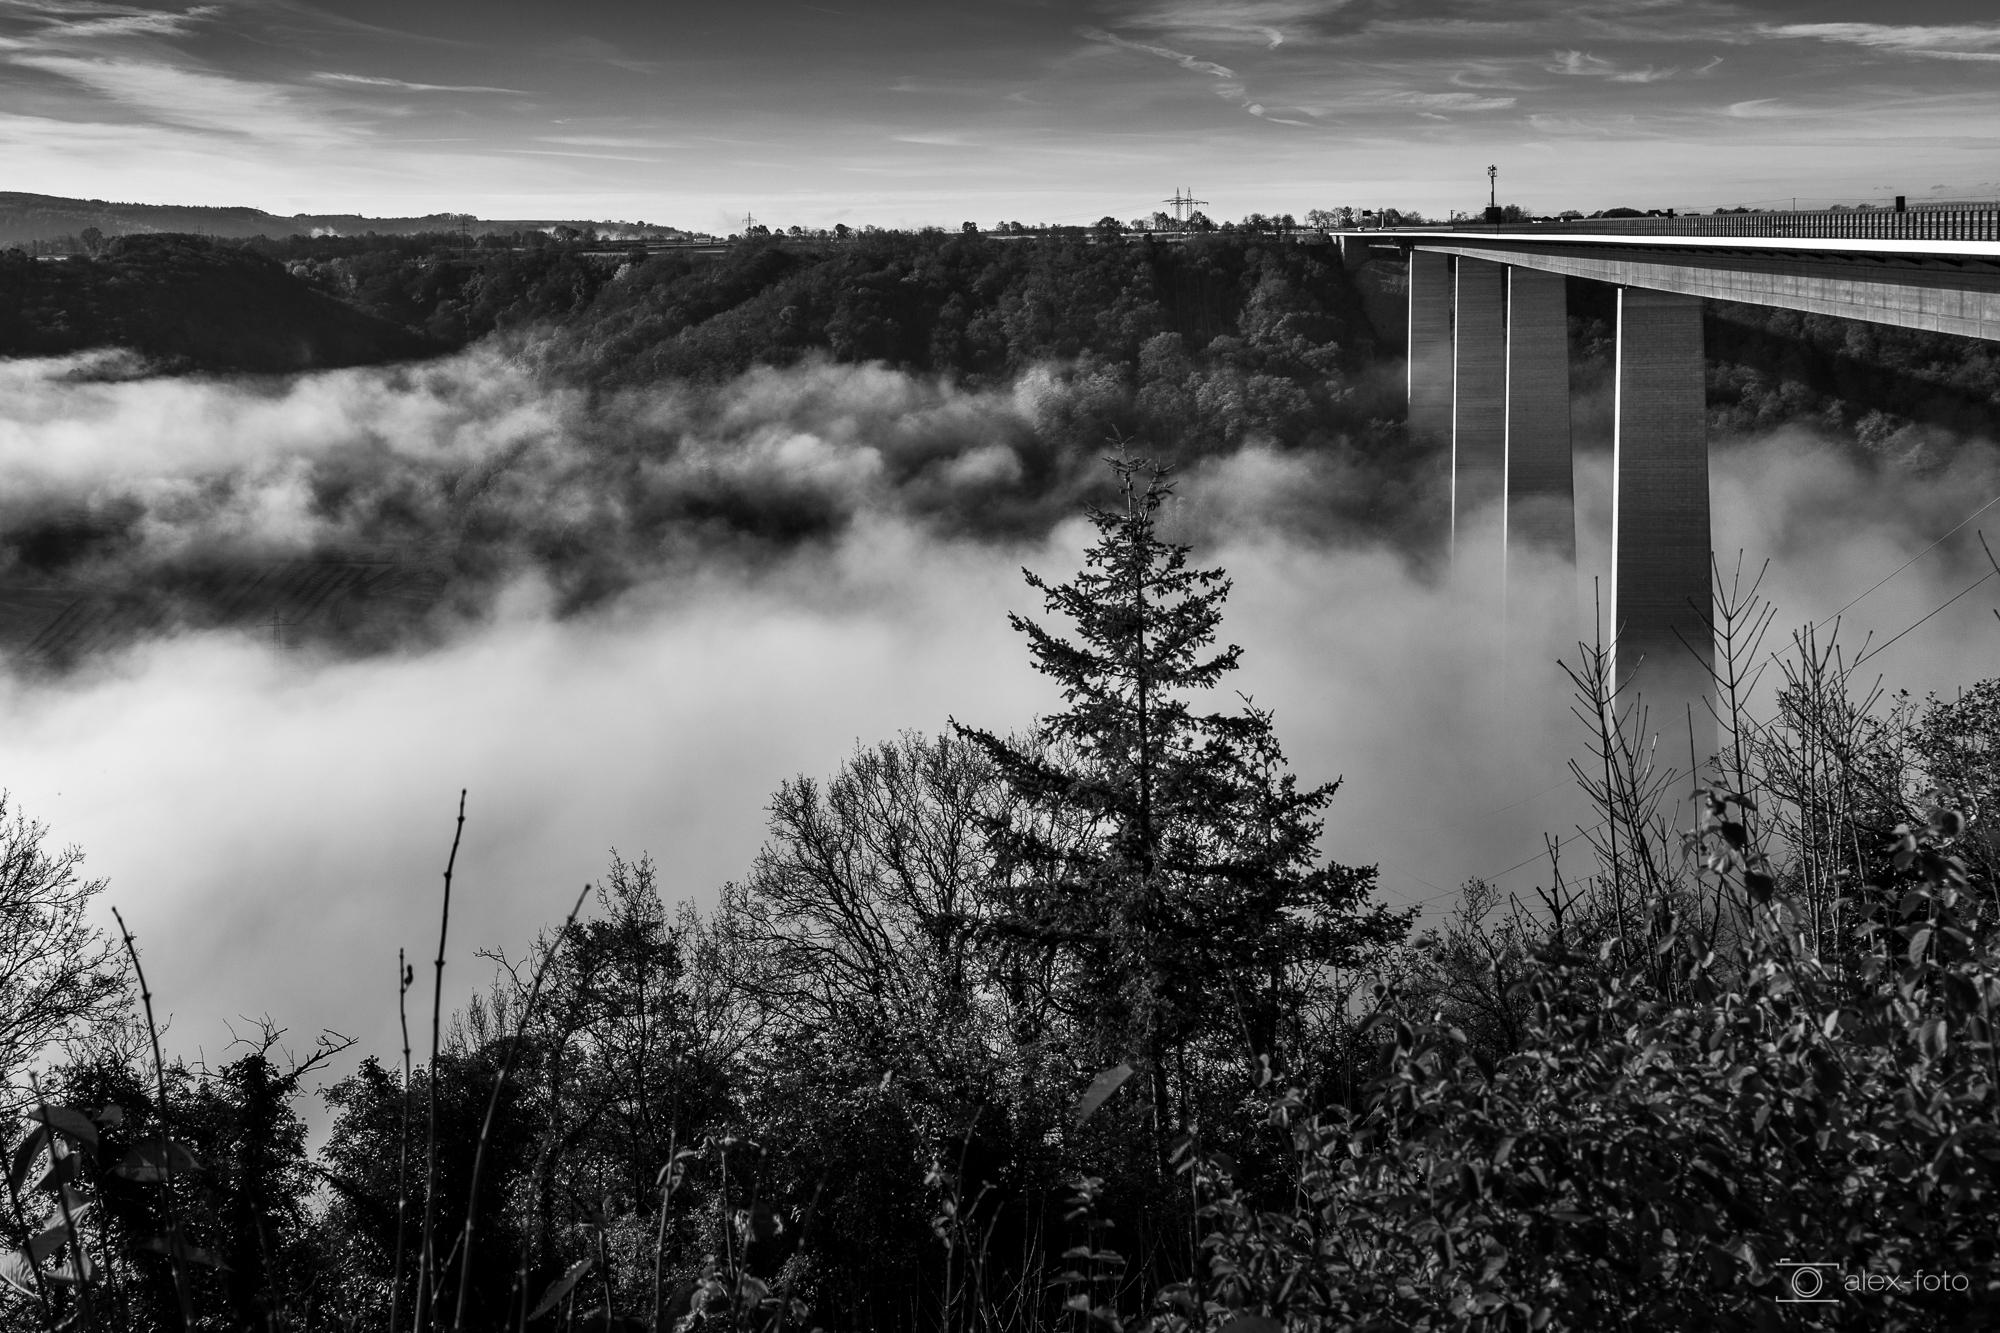 Lichtwert-BestOf_ThomasAlex_012_Moseltalbrücke.jpg